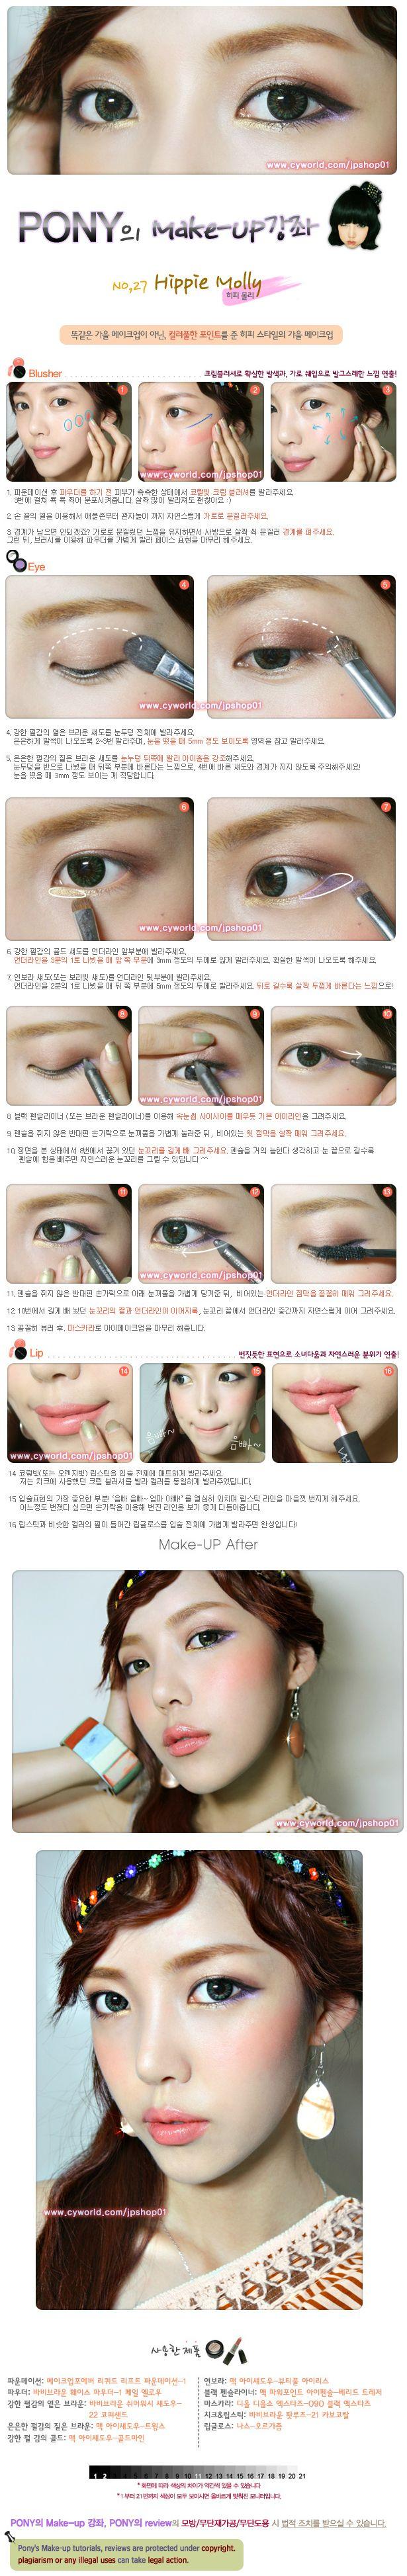 Maquillaje e instrucciones en  idioma Coreano.